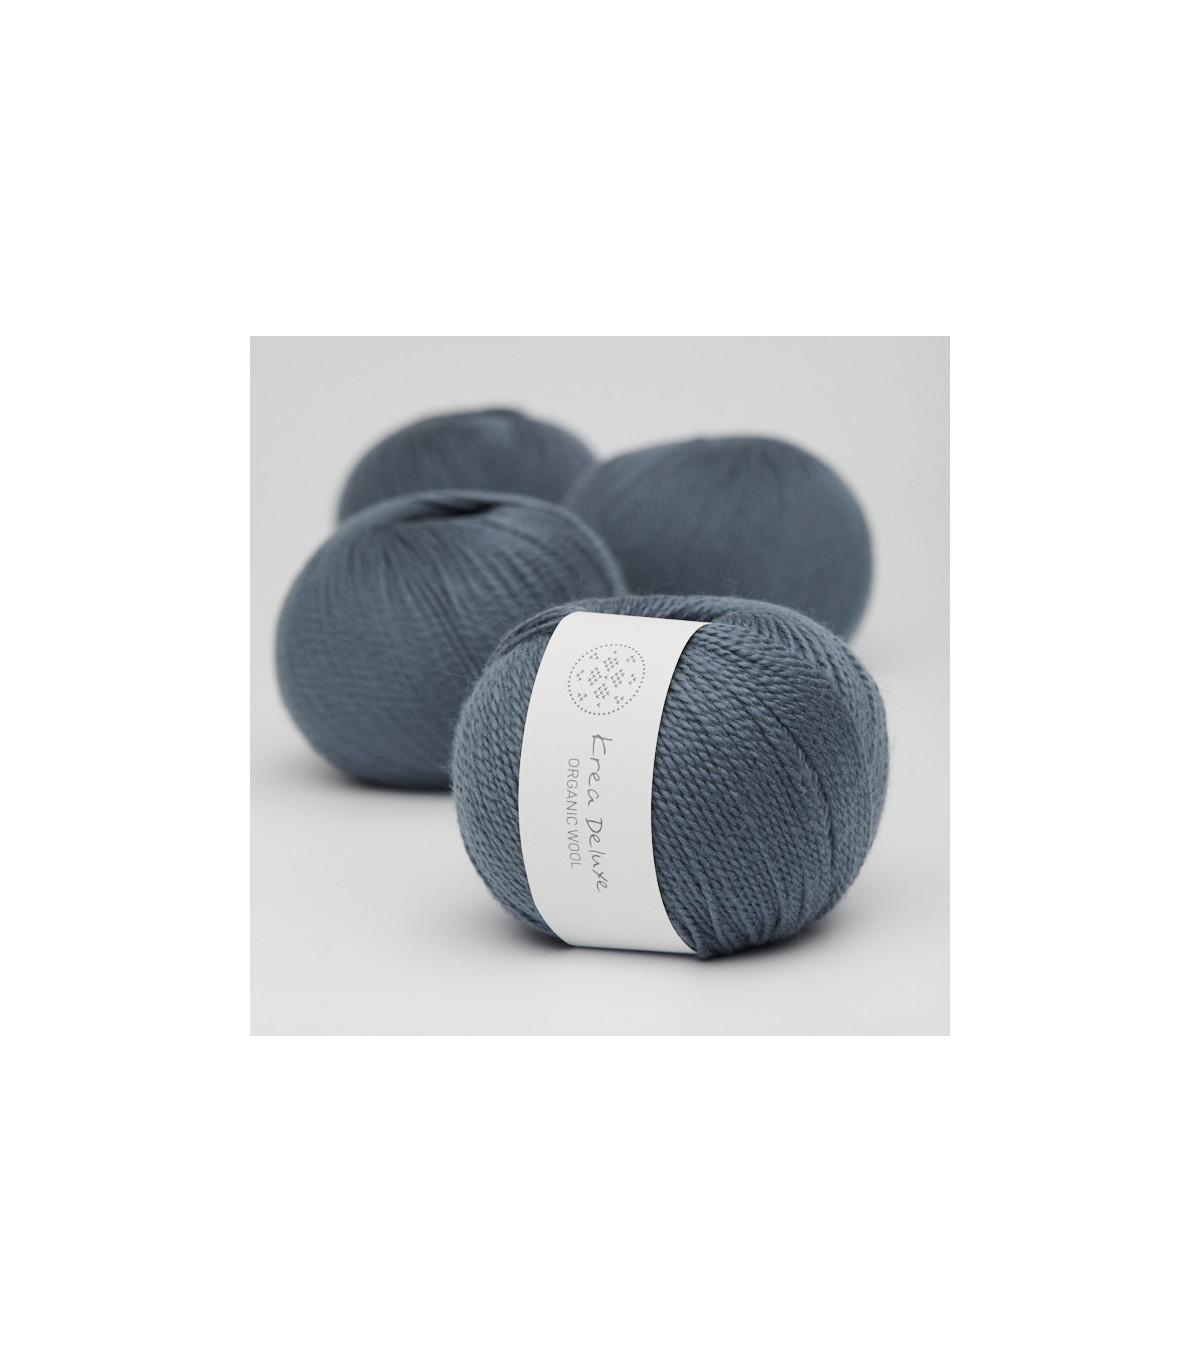 Wool 1 (Neu) - Krea Deluxe in der Farbe W 26 Dunkelblau